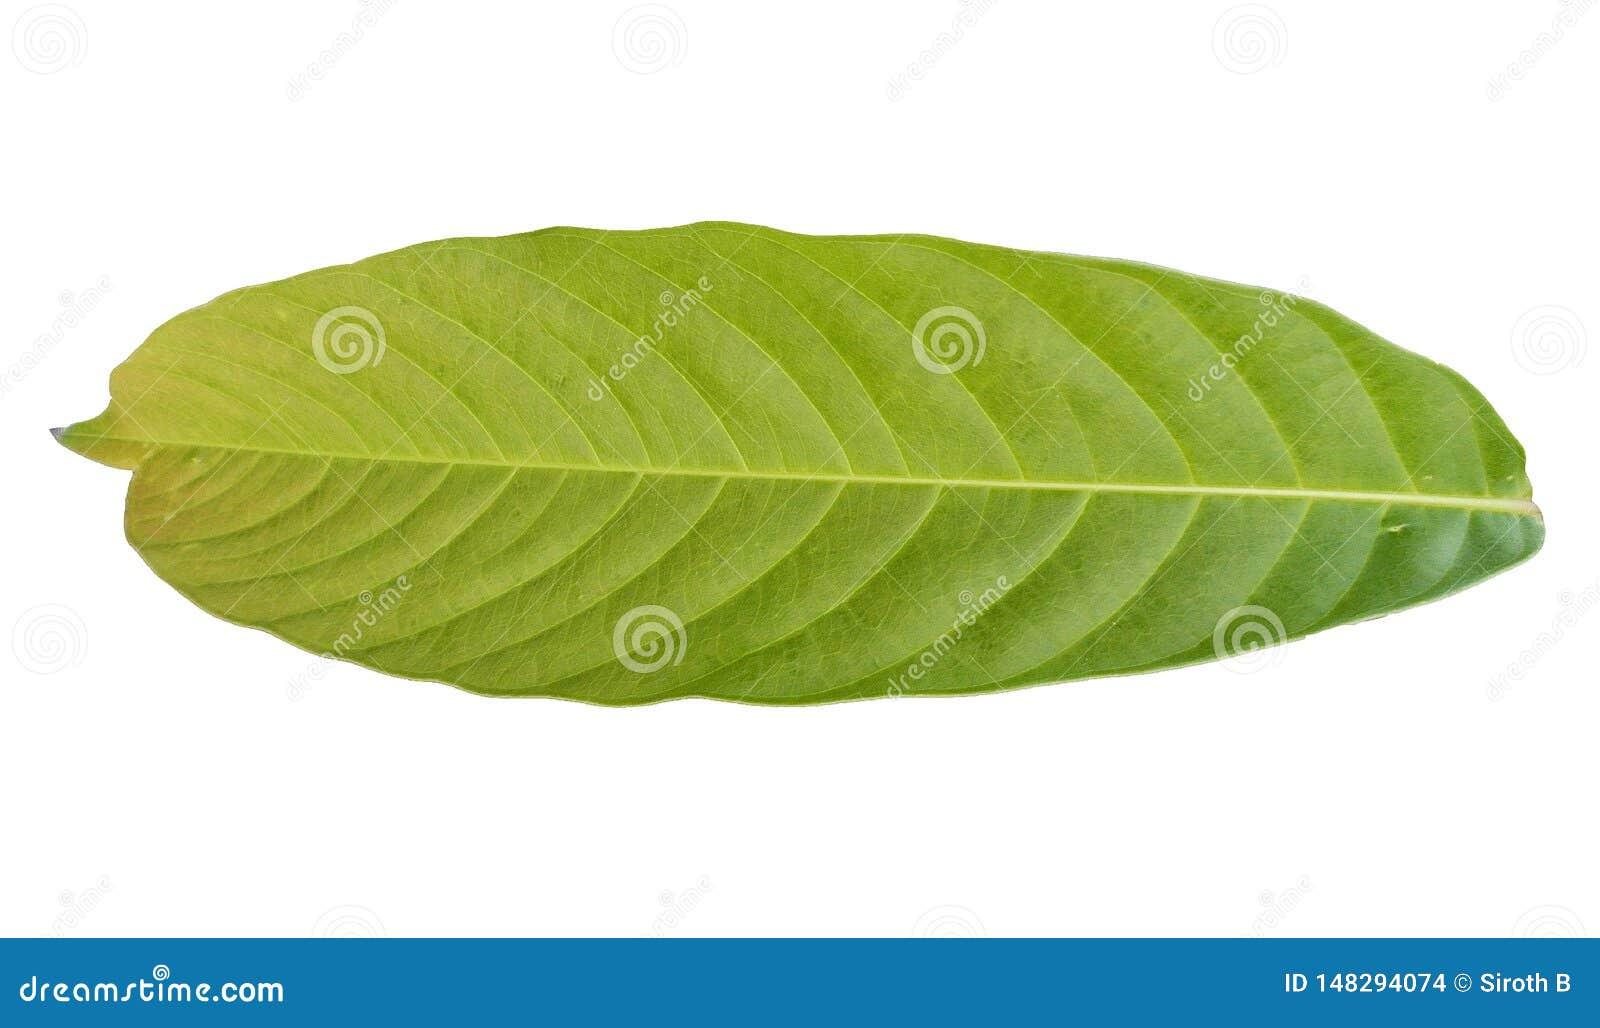 Parte posteriore di fogliame verde tropicale sugli ambiti di provenienza bianchi